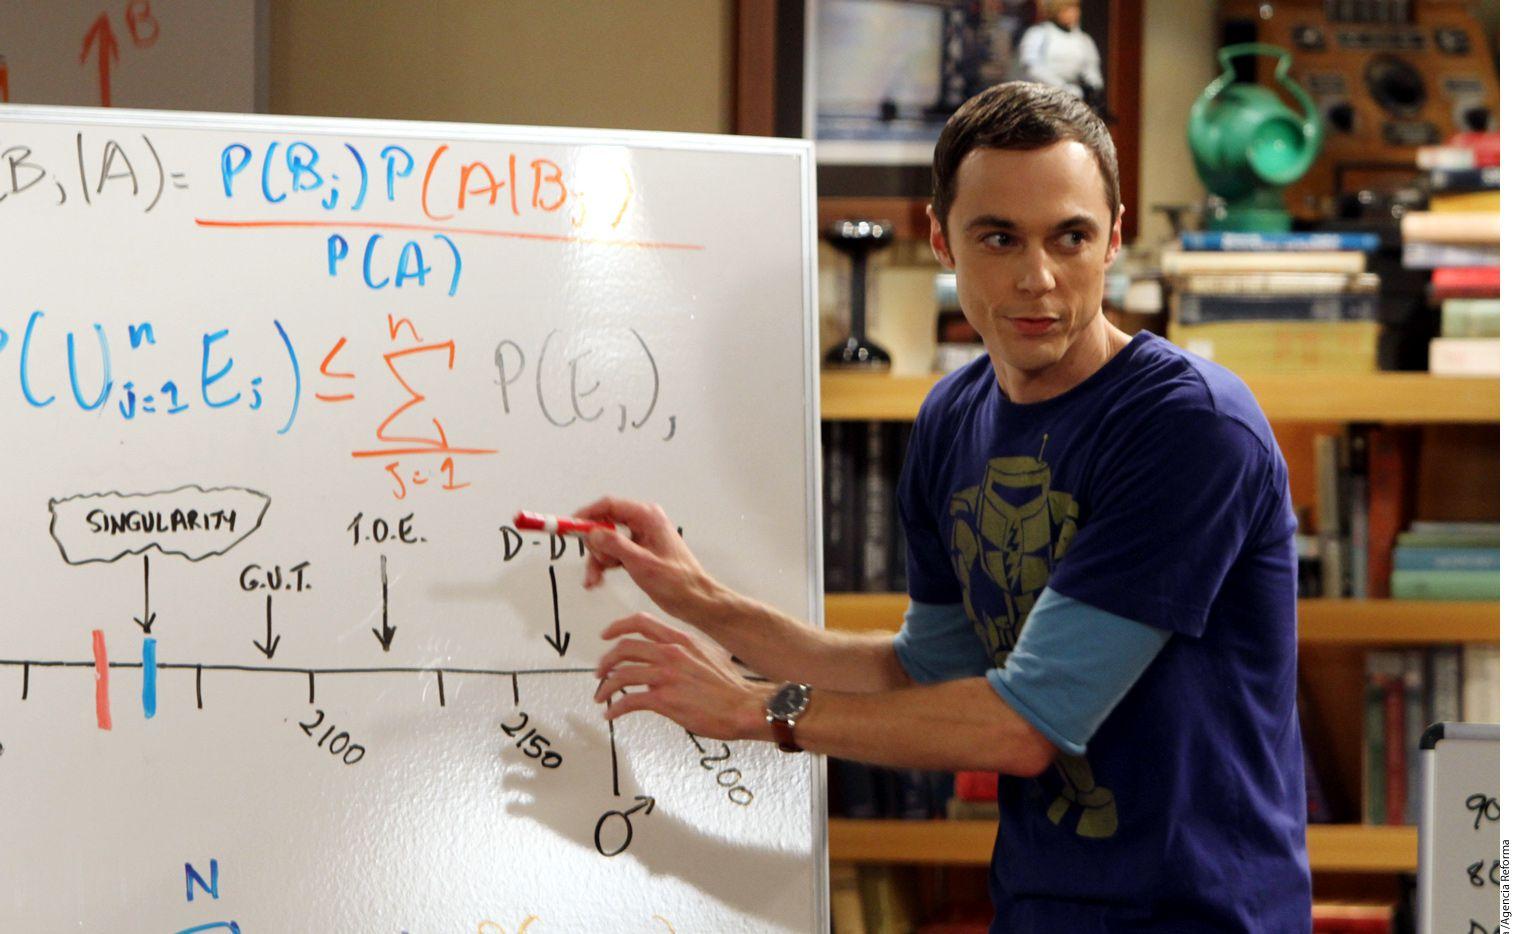 El spin off de The Big Bang Theory que prepara CBS será de media hora de duración y se centrará en la historia de Sheldon Cooper (personaje interpretado por Jim Parsons) cuando tenía 9 años./ AGENCIA REFORMA